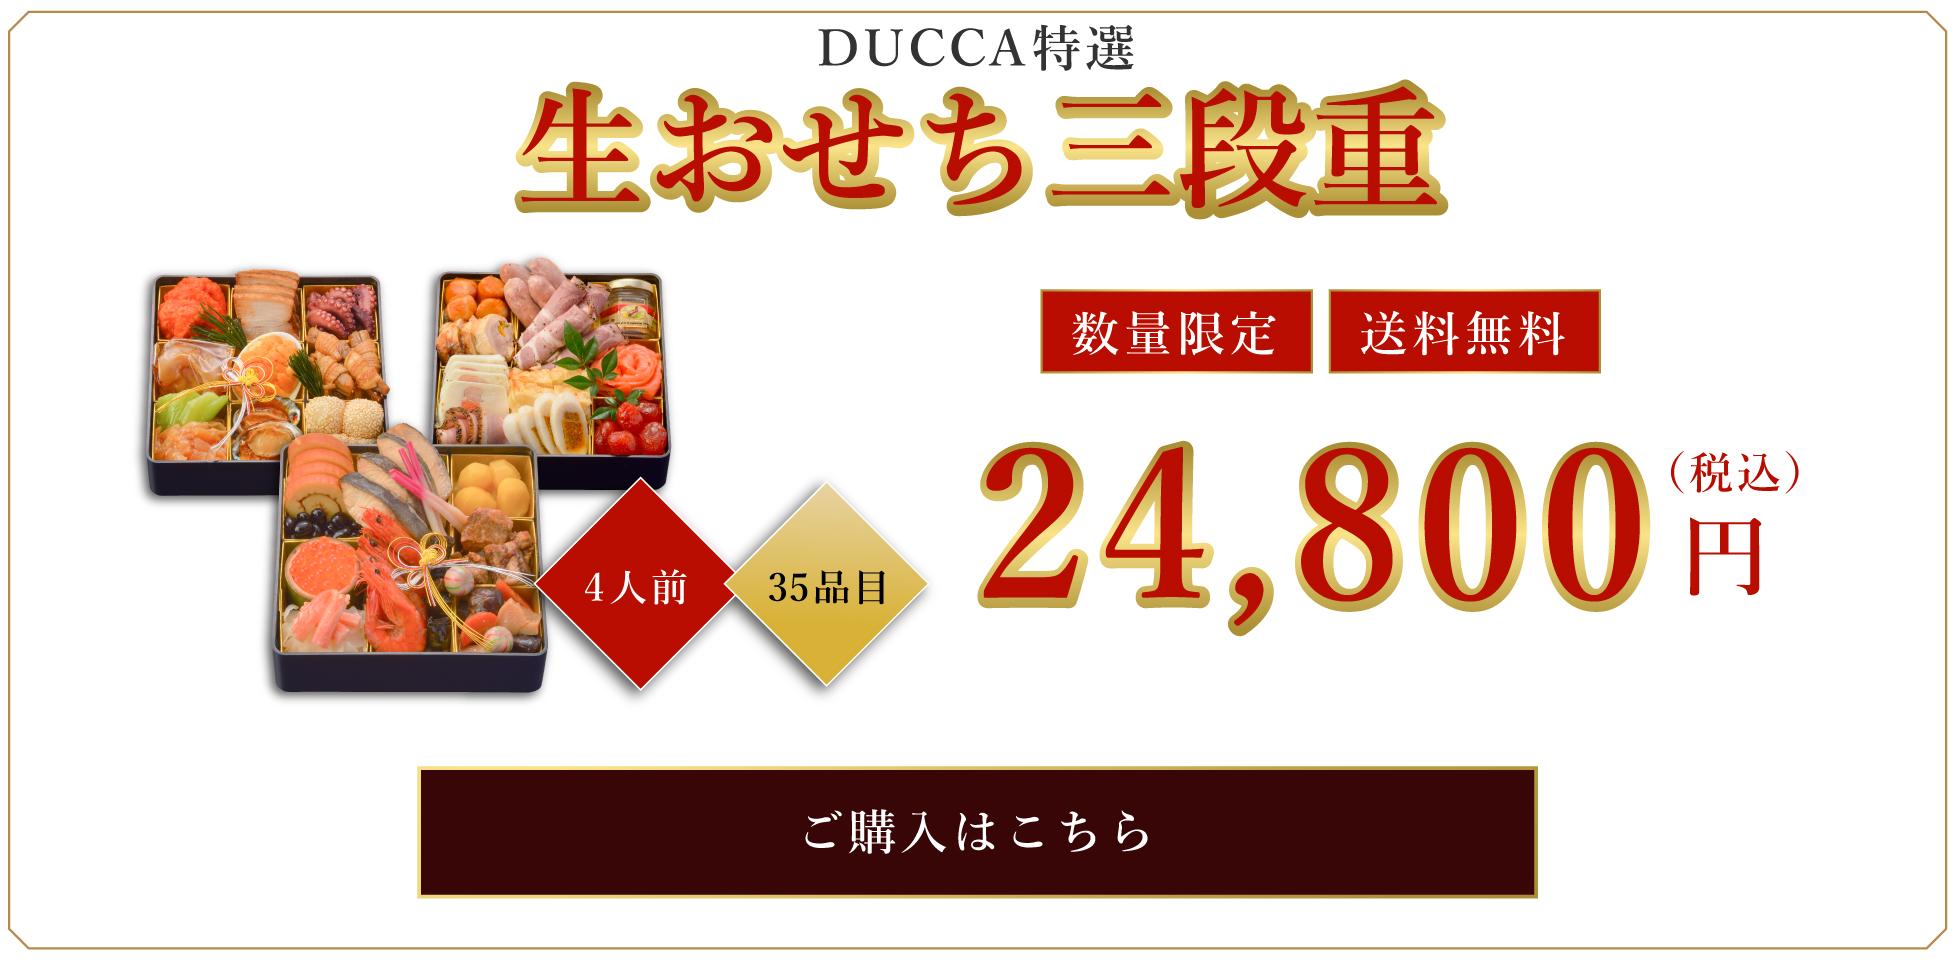 早割り対象 DUCCA特選生おせち三段重 数量限定 送料無料 早割価格22,800円(税込) ご購入はこちら